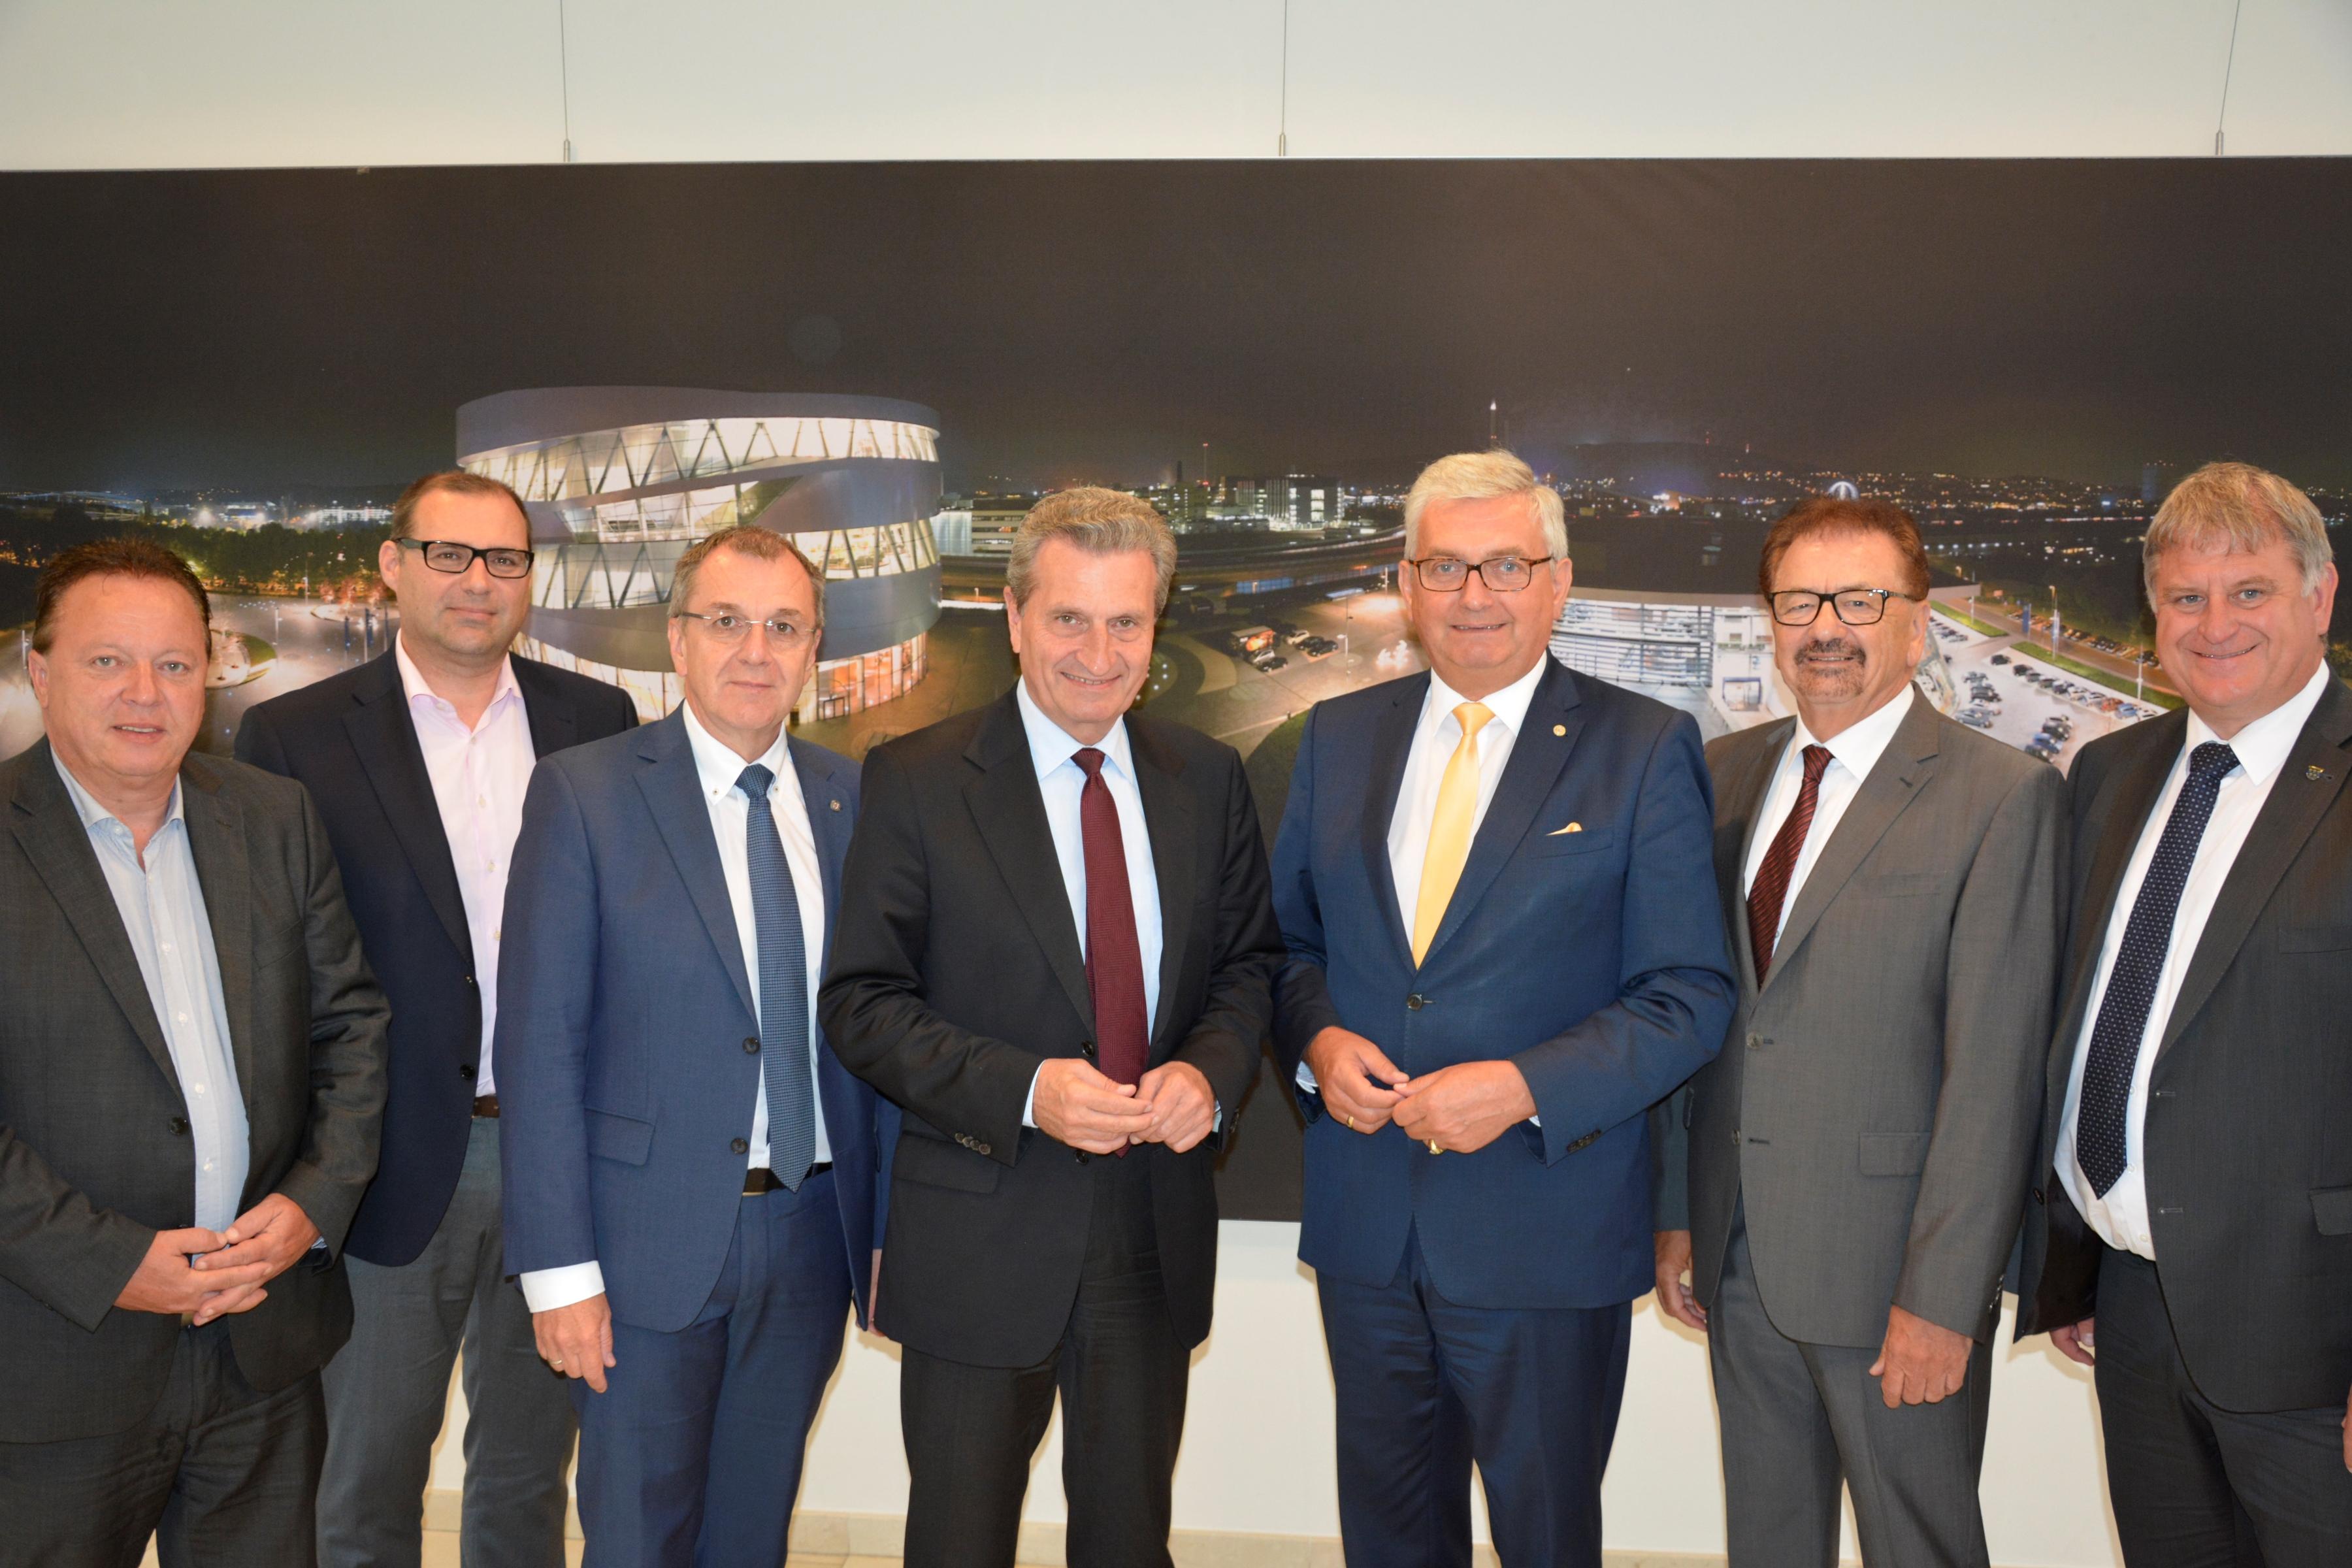 Gruppenbild mit Oettinger